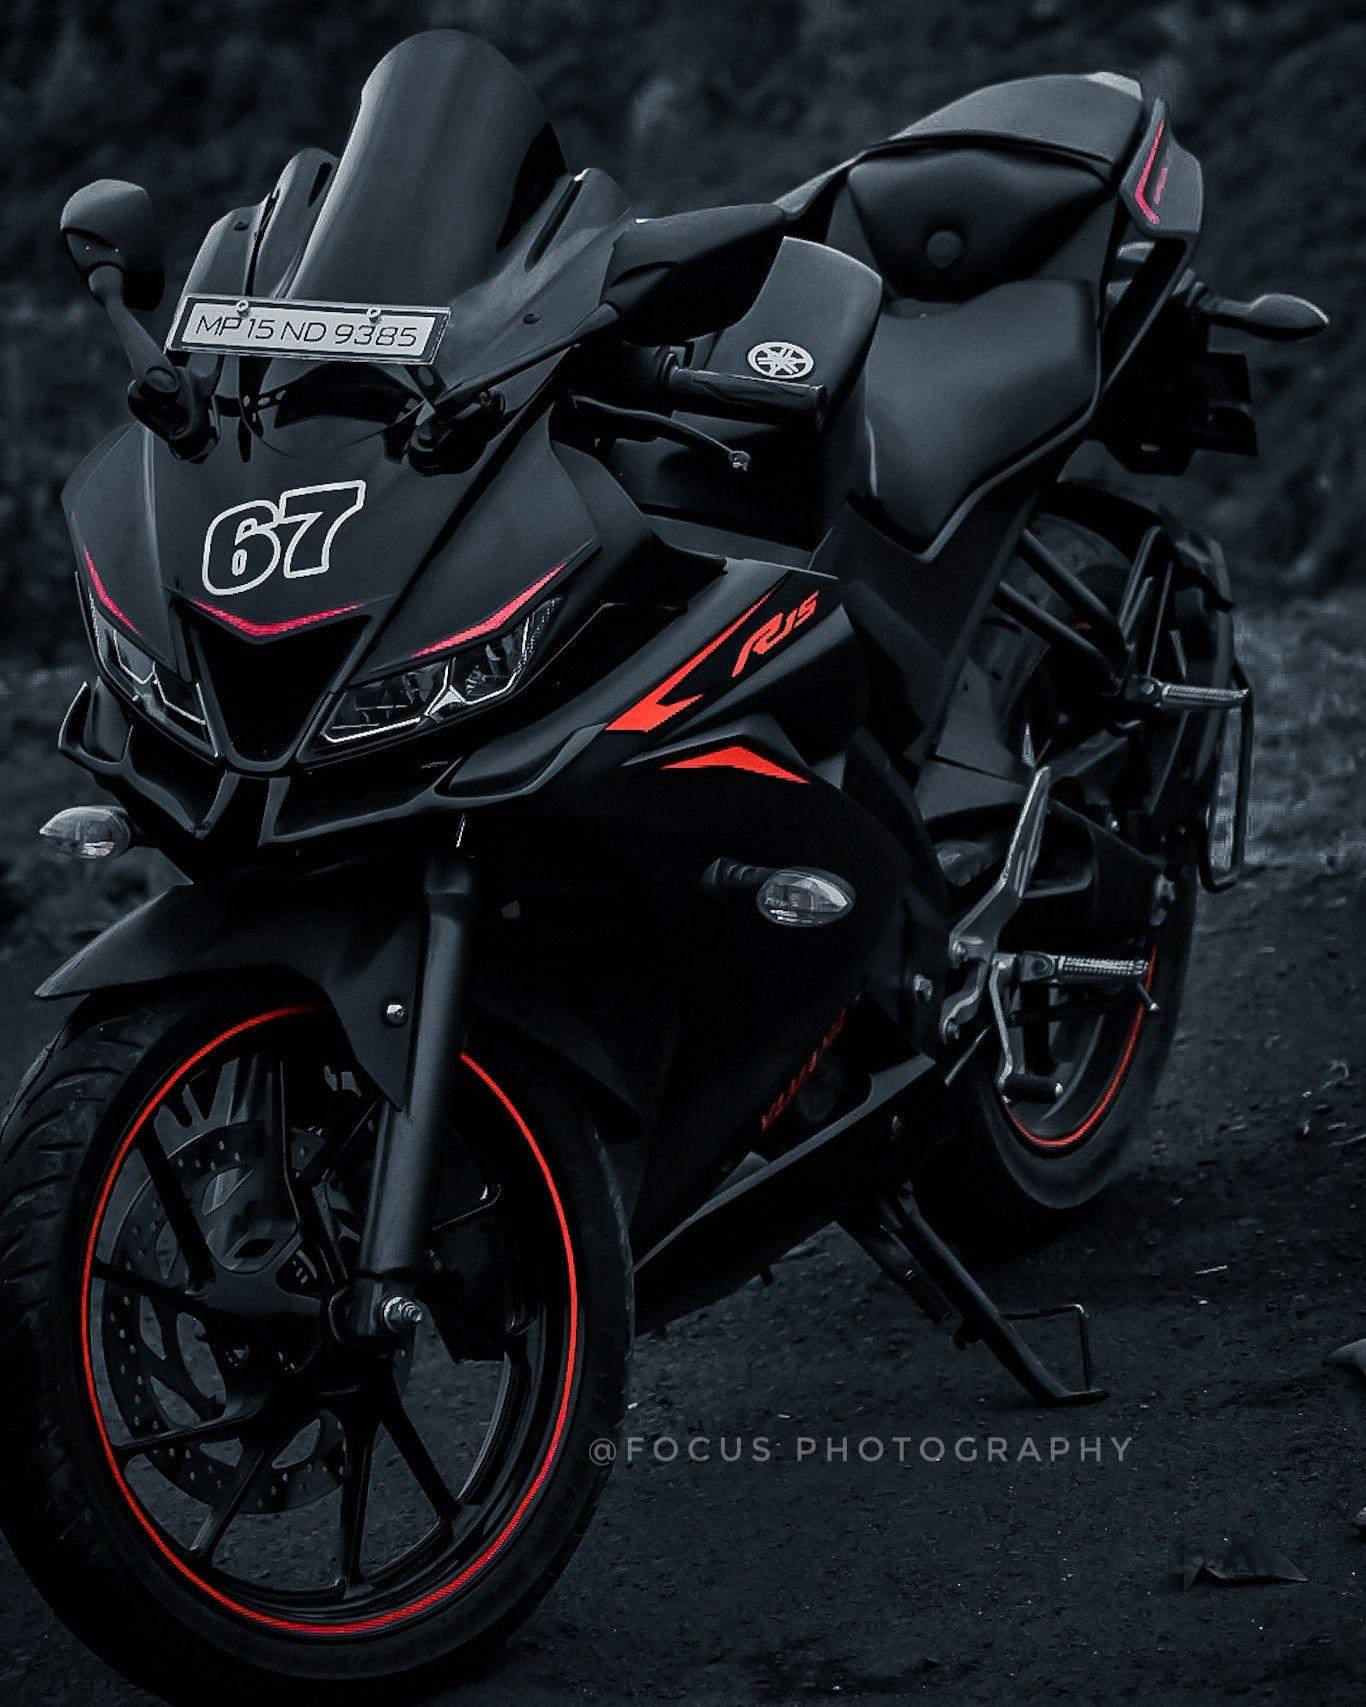 Yamaha Yzf R15 V3 Black And Red R15 Yamaha Bike Pic Super Bikes